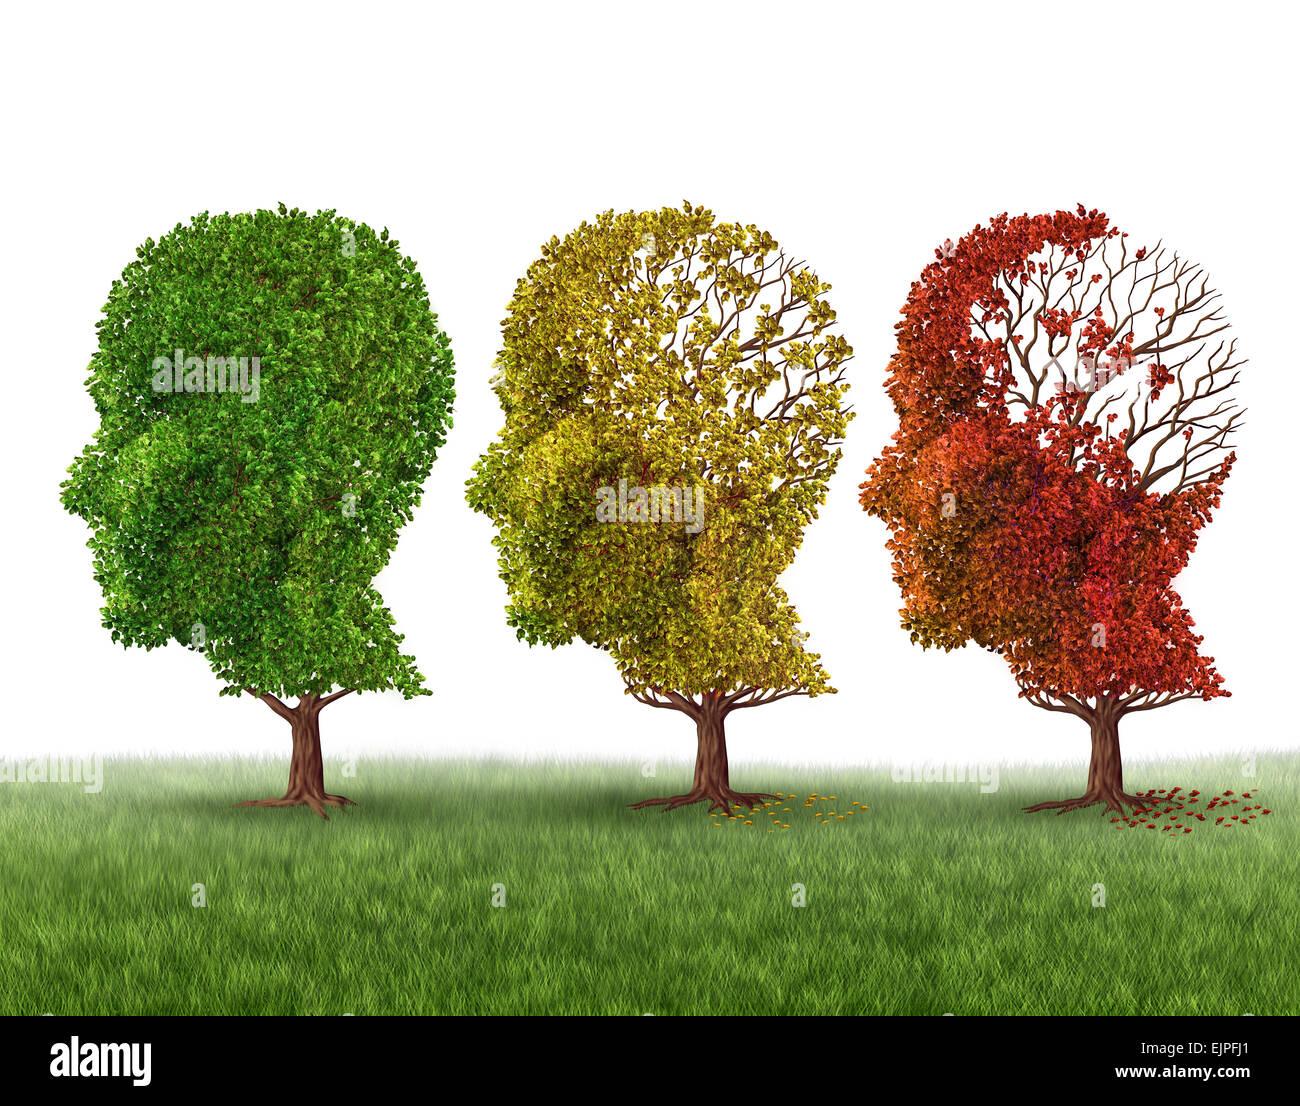 Gedächtnisverlust und Hirnalterung aufgrund von Demenz und Alzheimer-Krankheit als eine medizinische Symbol Stockbild